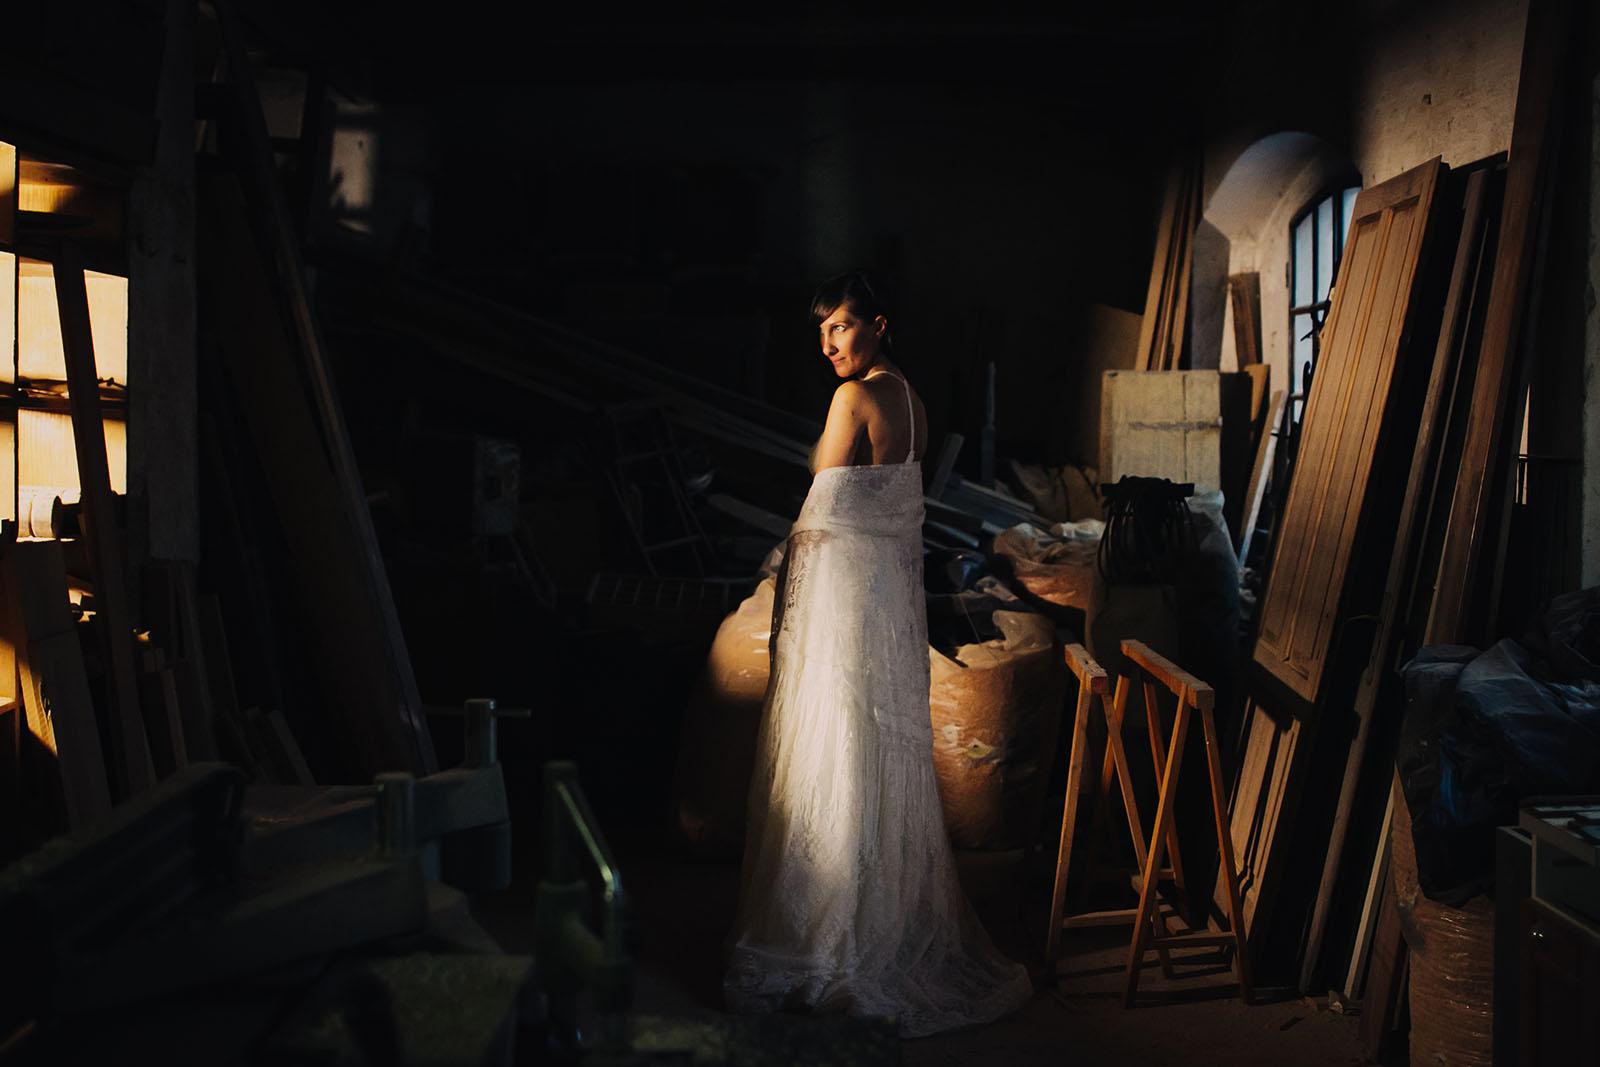 La semplicità di un'intesa unica e speciale - Matrimonio a Vicenza